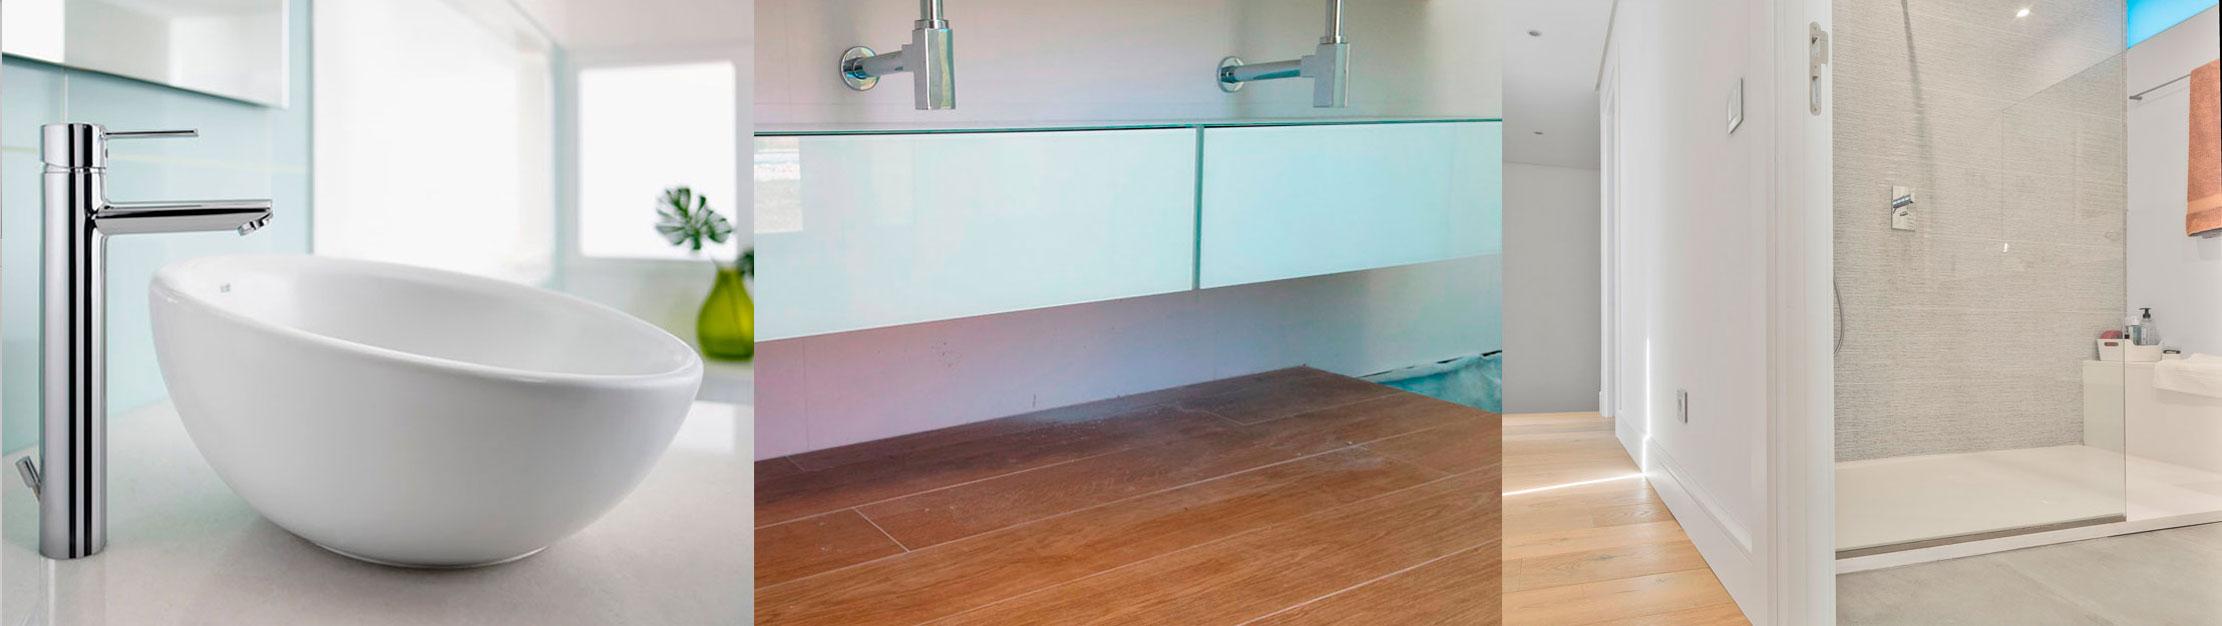 Alta calidad en reformas de lujo para baños.